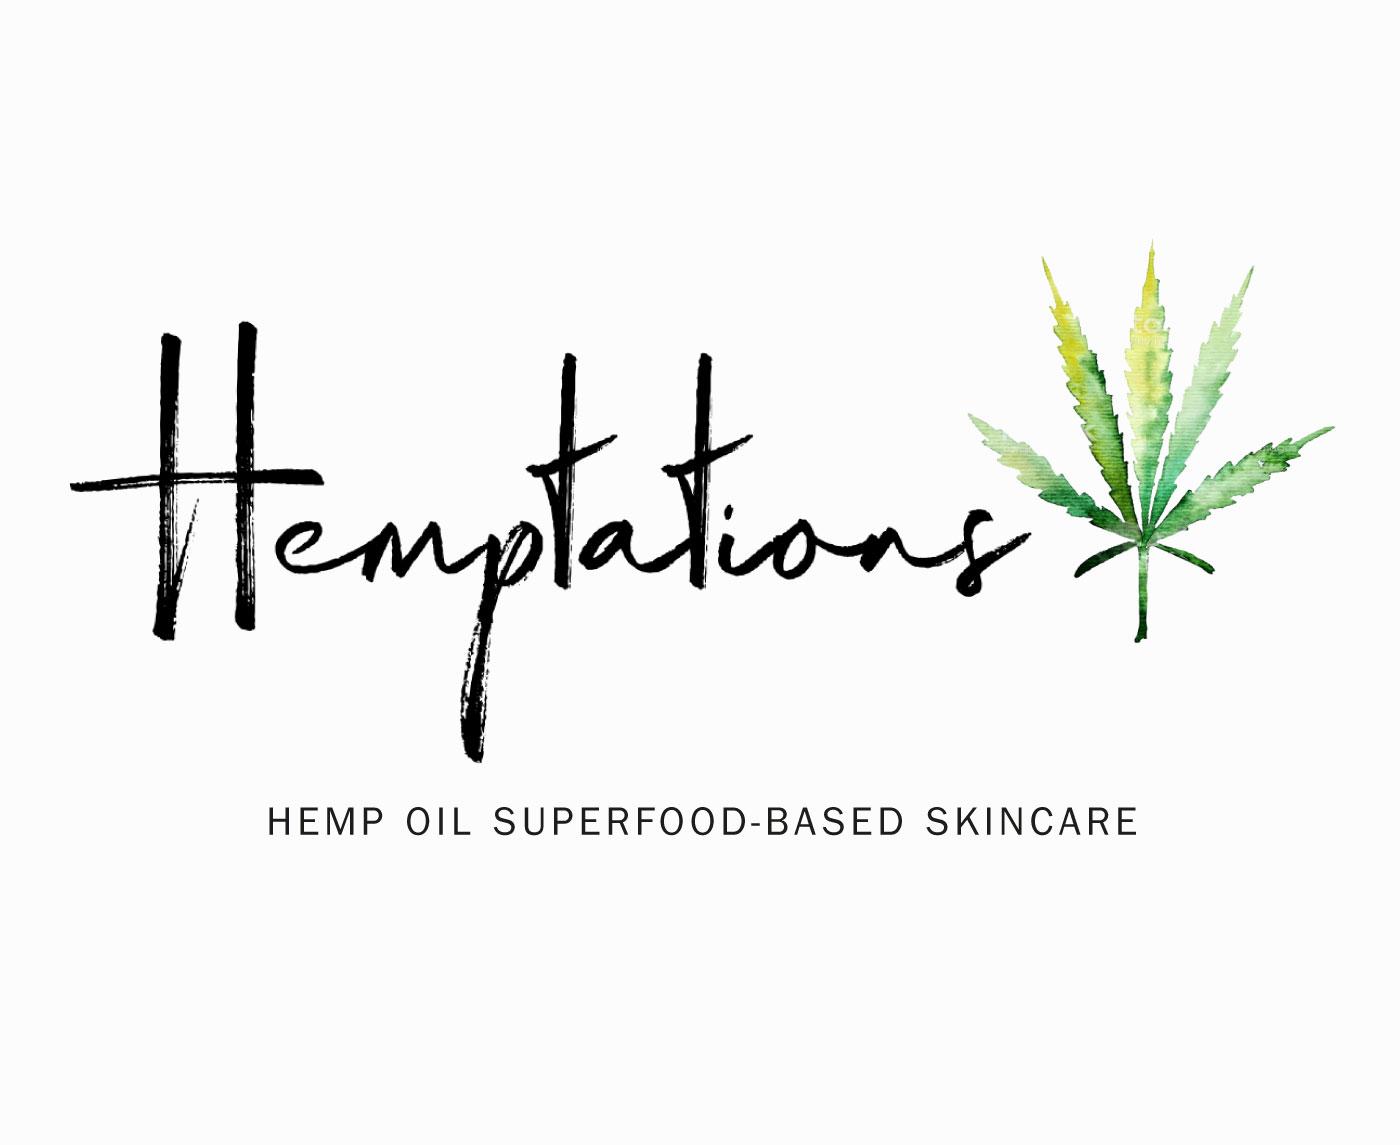 logotipo cosmético derivado del cannabis Hemptations